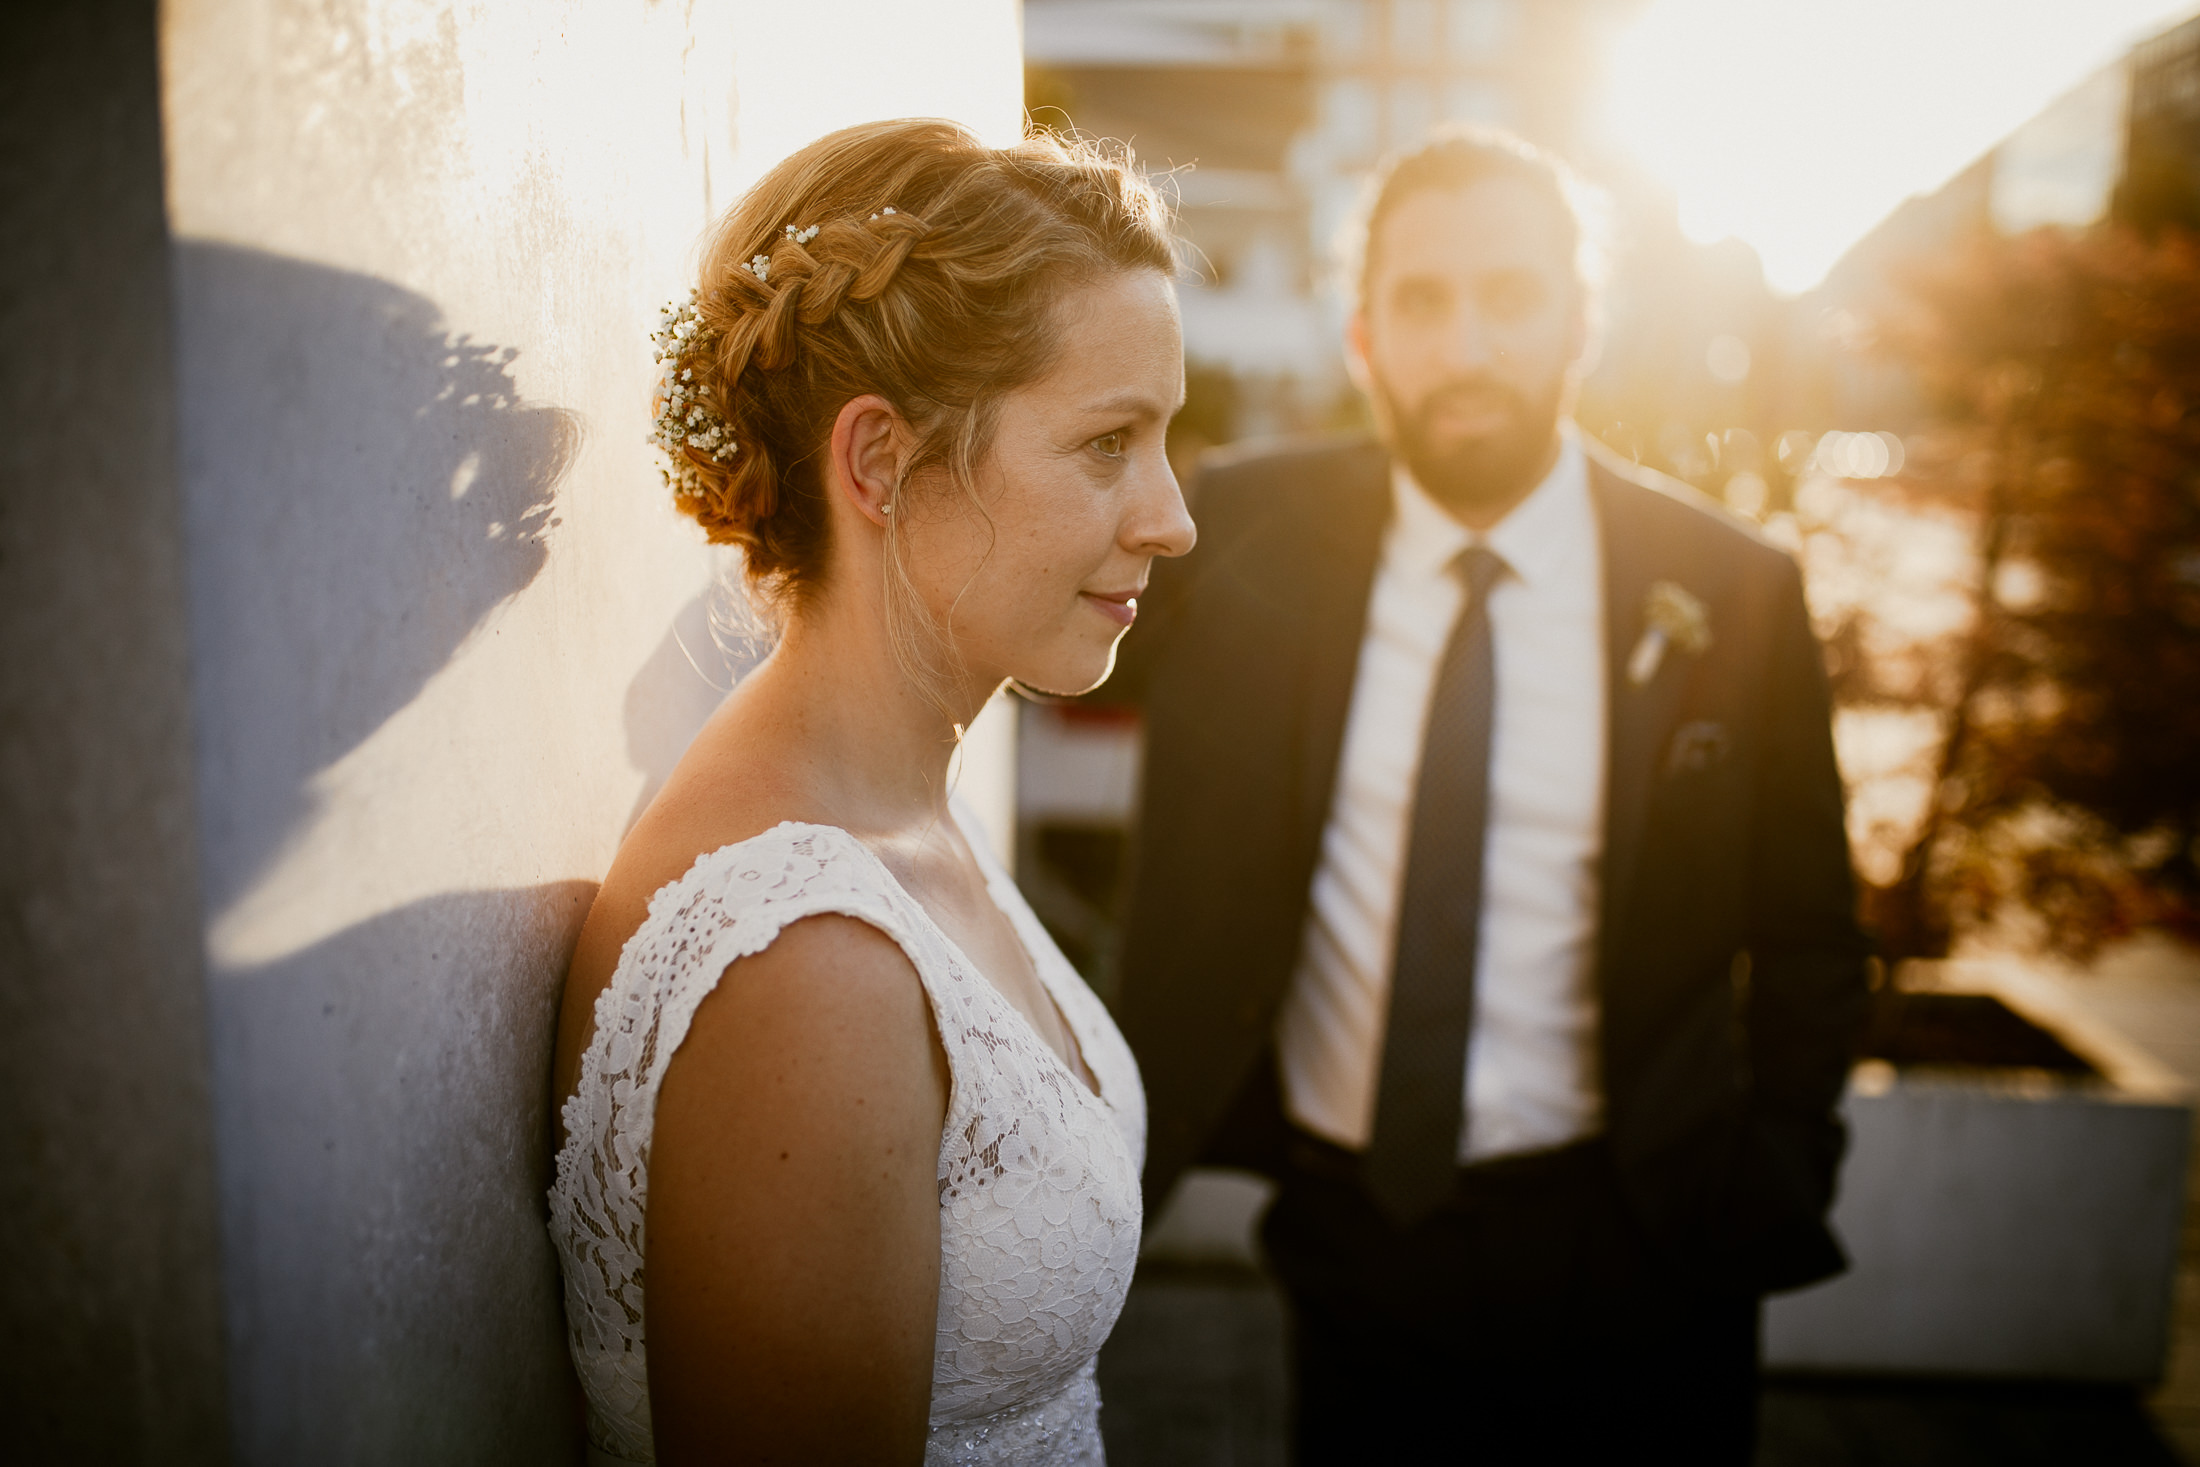 Jessi-Niko-Hochzeit-Nuernberg-city-urban-Bildervomleben-7J0A4799